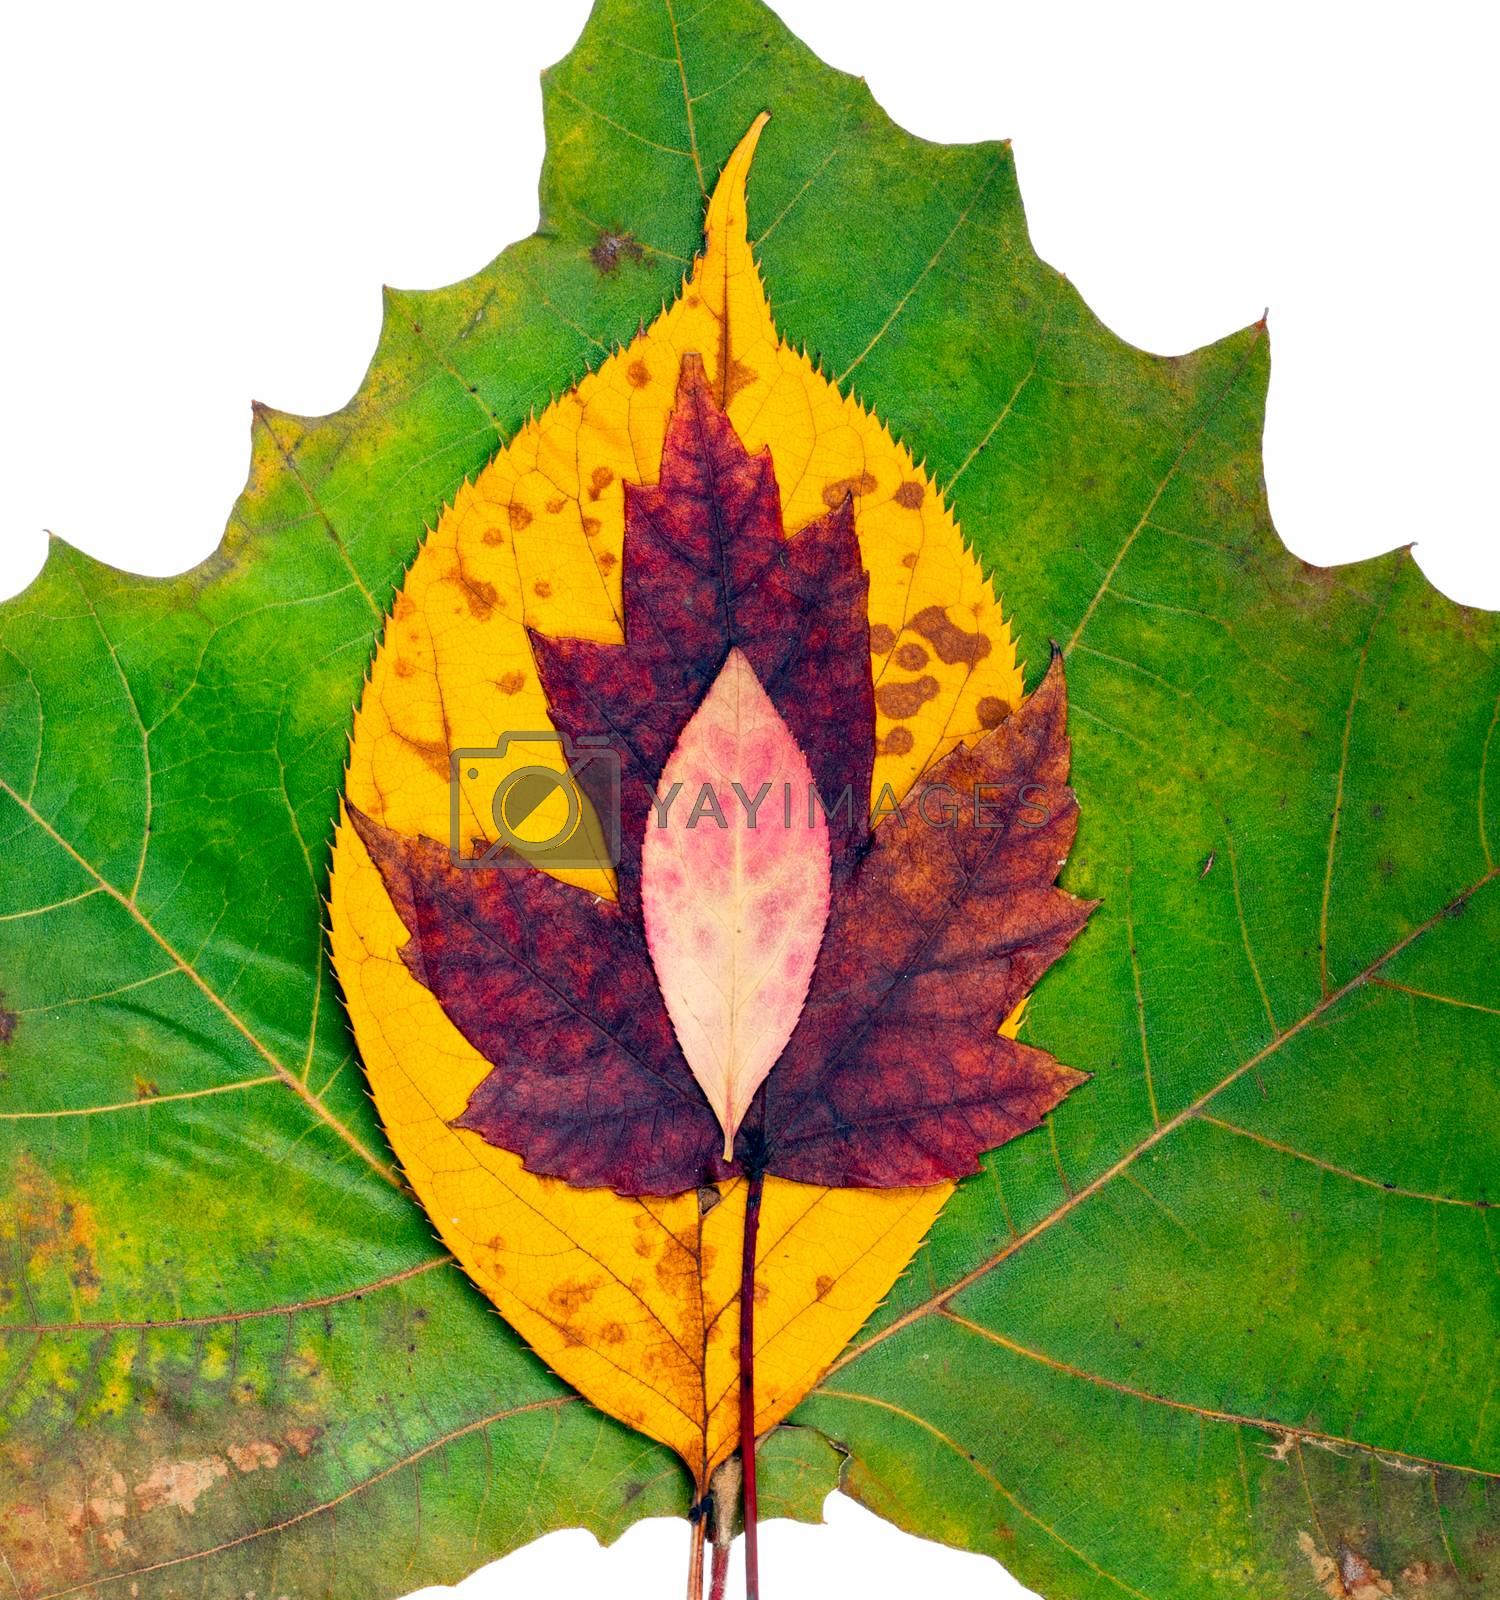 Fall Leaves by Dan Totilca